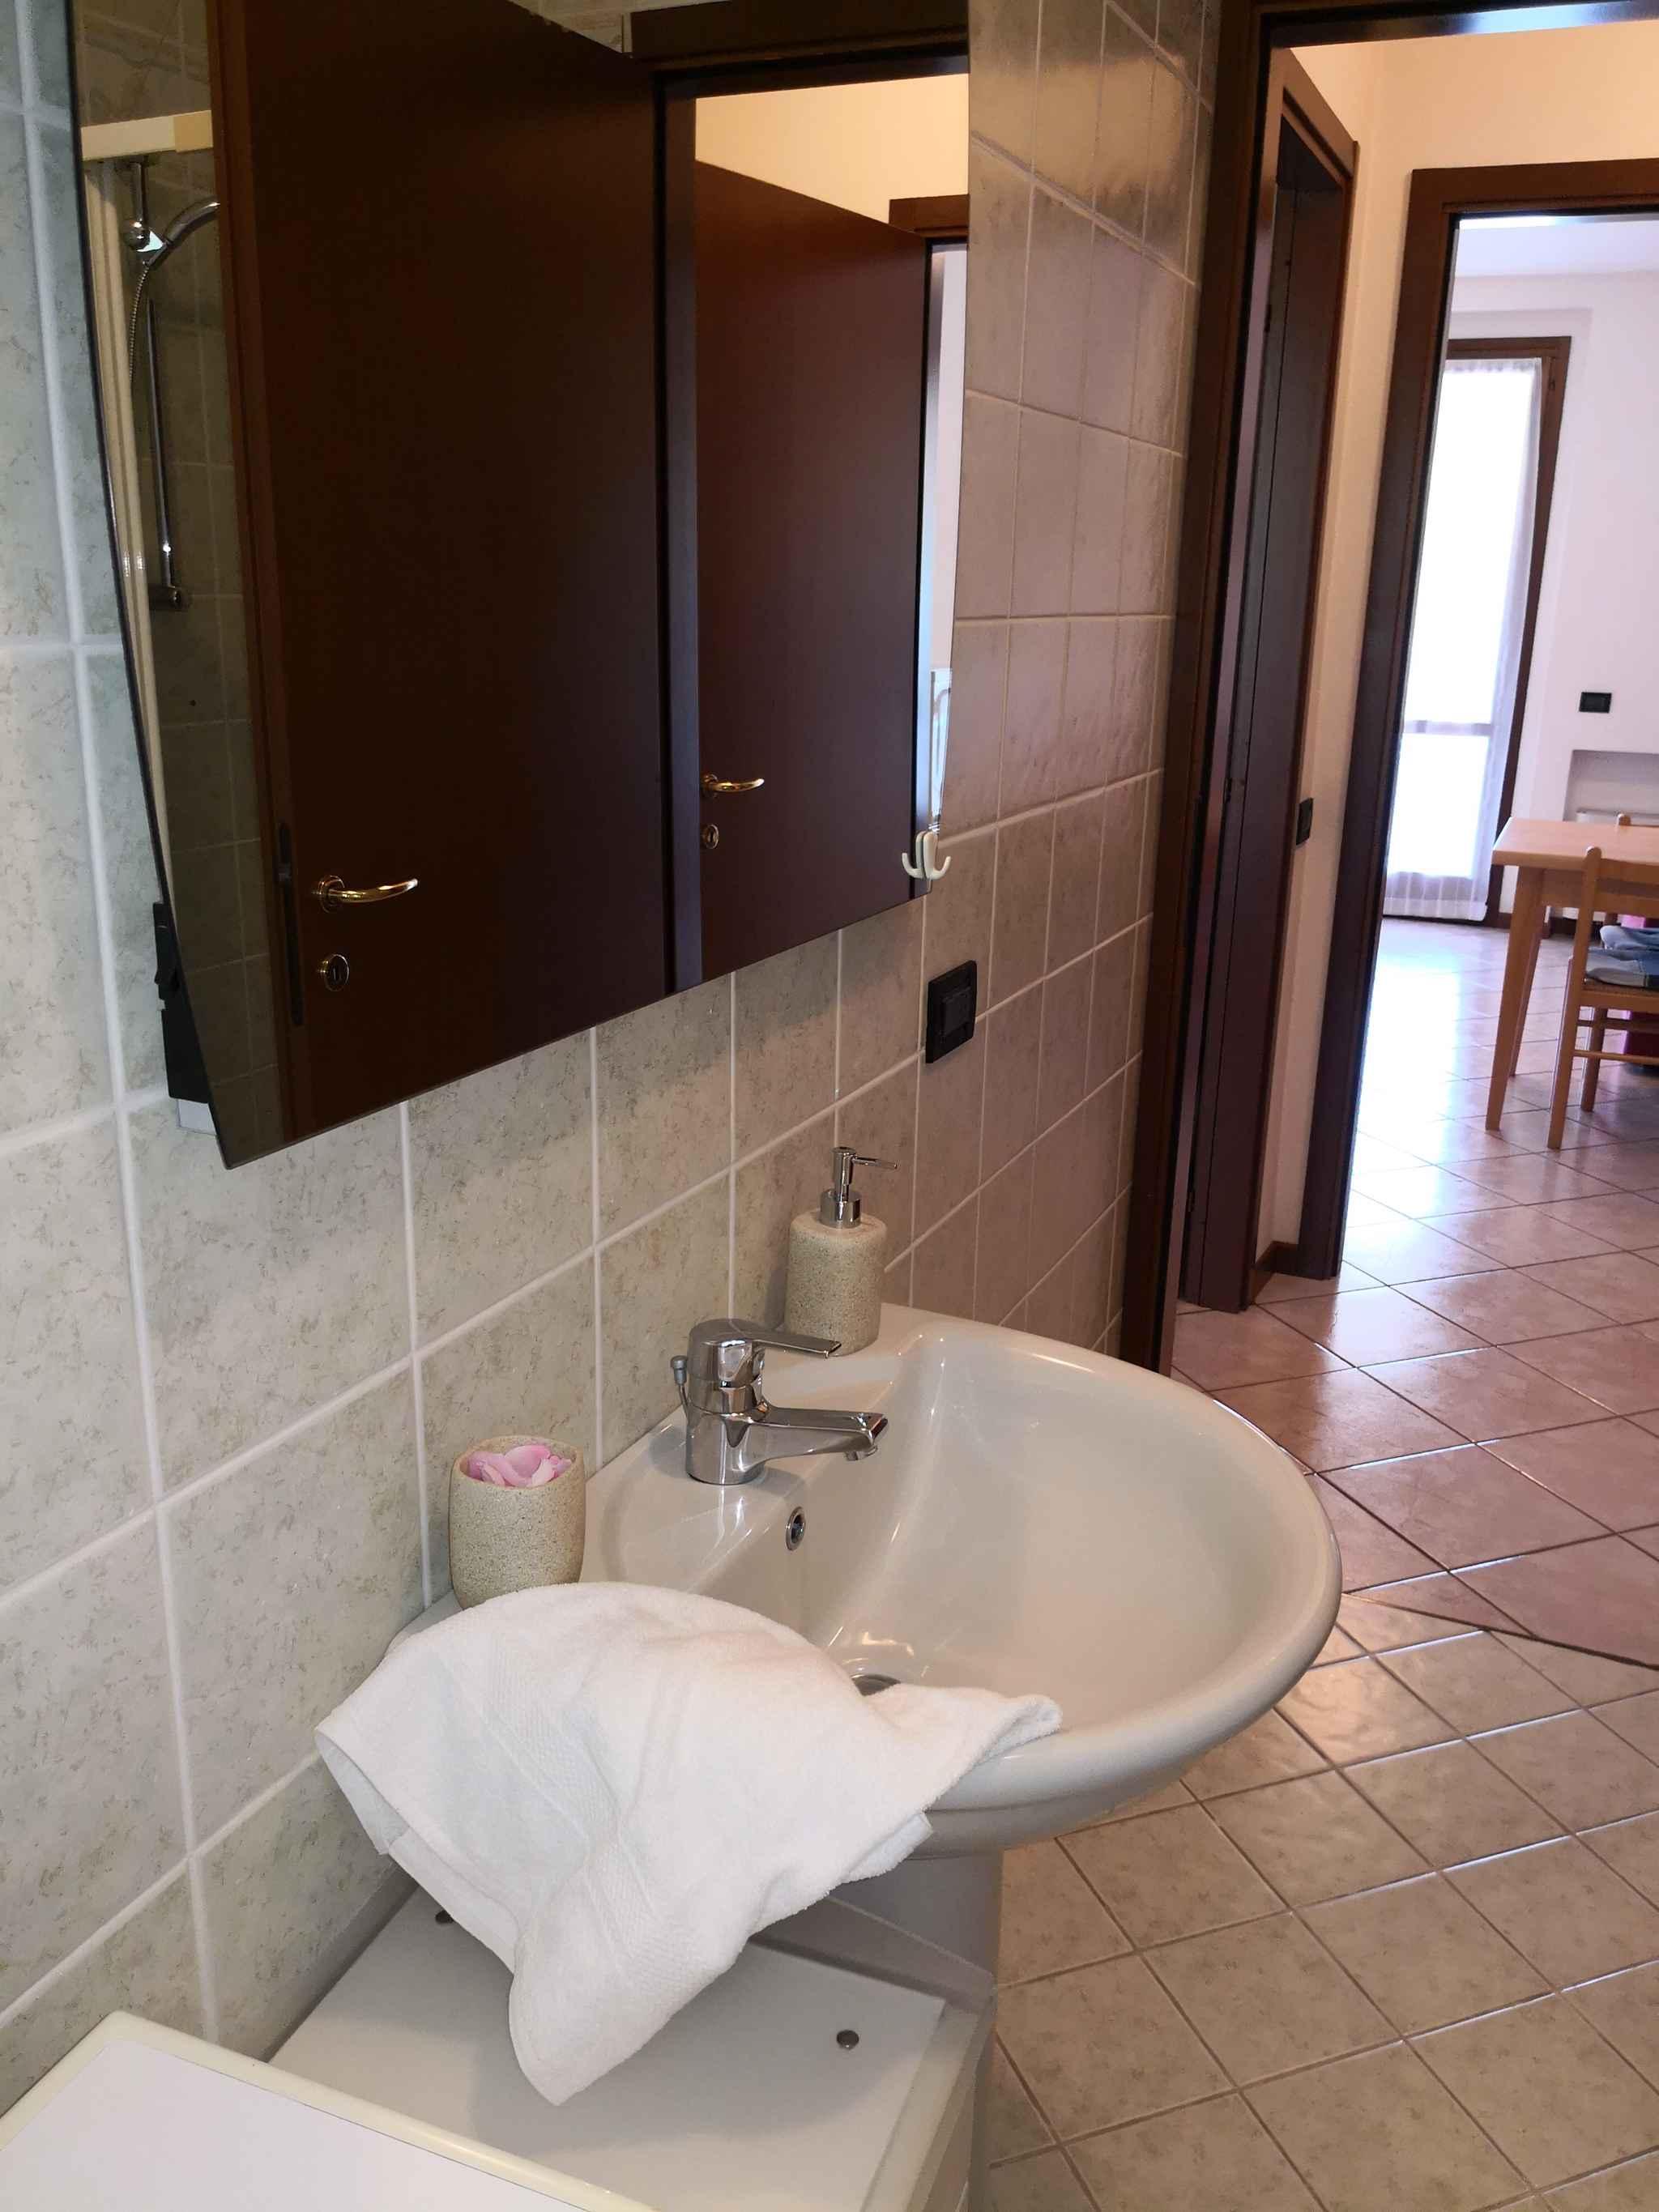 Ferienwohnung con piscina (279580), Lazise, Gardasee, Venetien, Italien, Bild 24